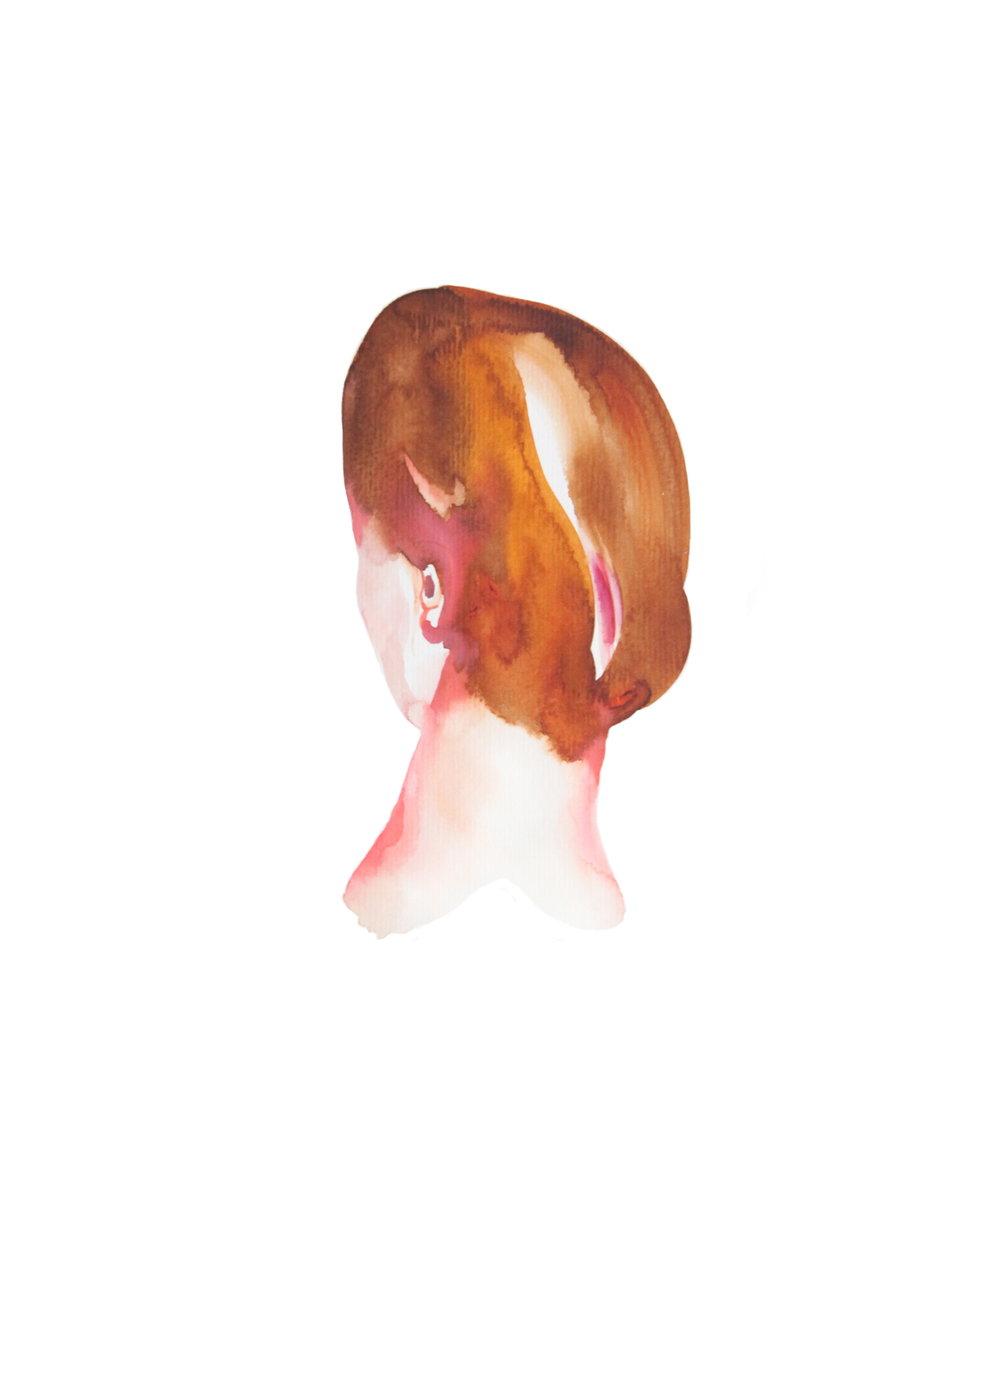 STELLA SUJIN_2016_Nuque de Diane II_watercolor on paper_30 x 40cm.JPG